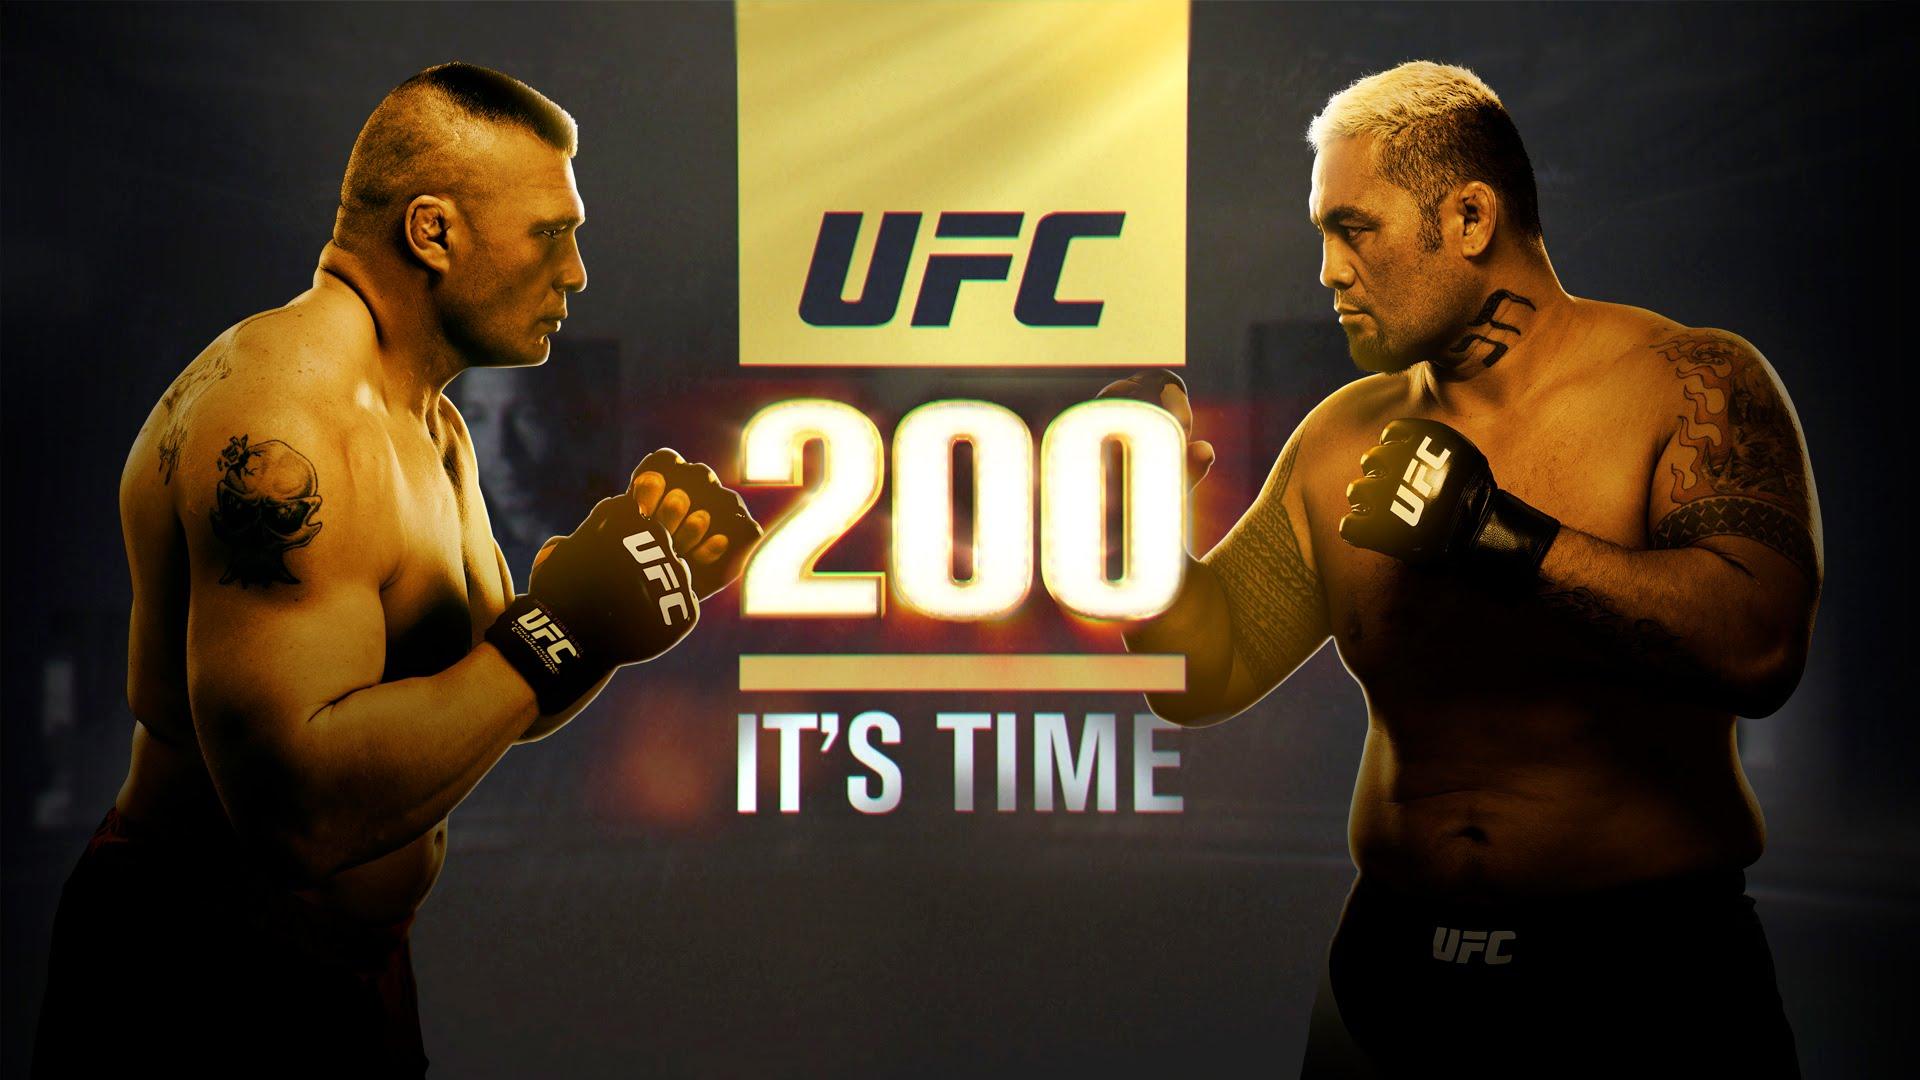 UFC 200 Promo for Brock Lesnar vs Mark Hunt